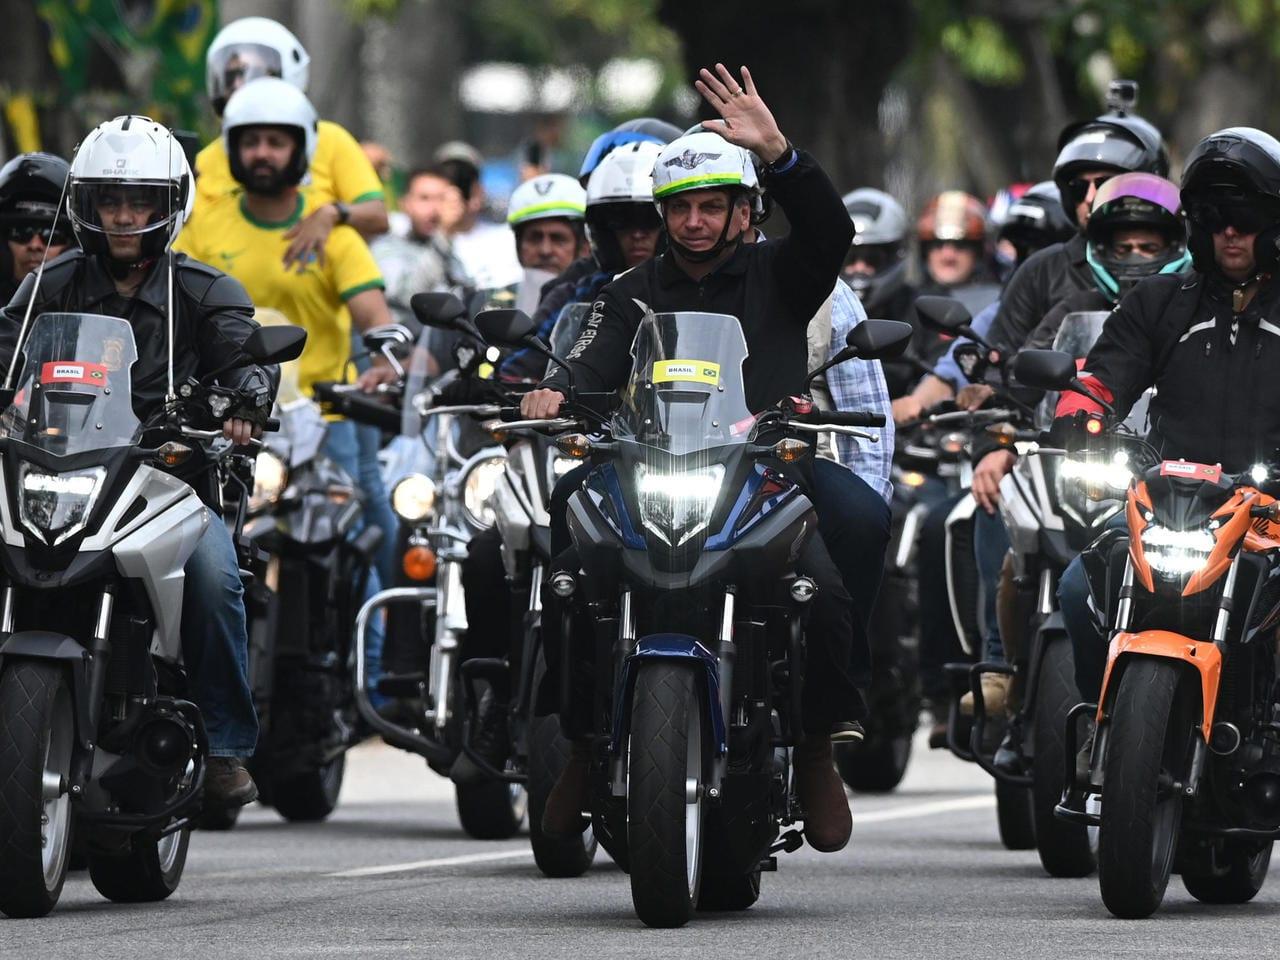 Brésil : en pleine Covid-19, le président Bolsonaro organise une manifestation à moto